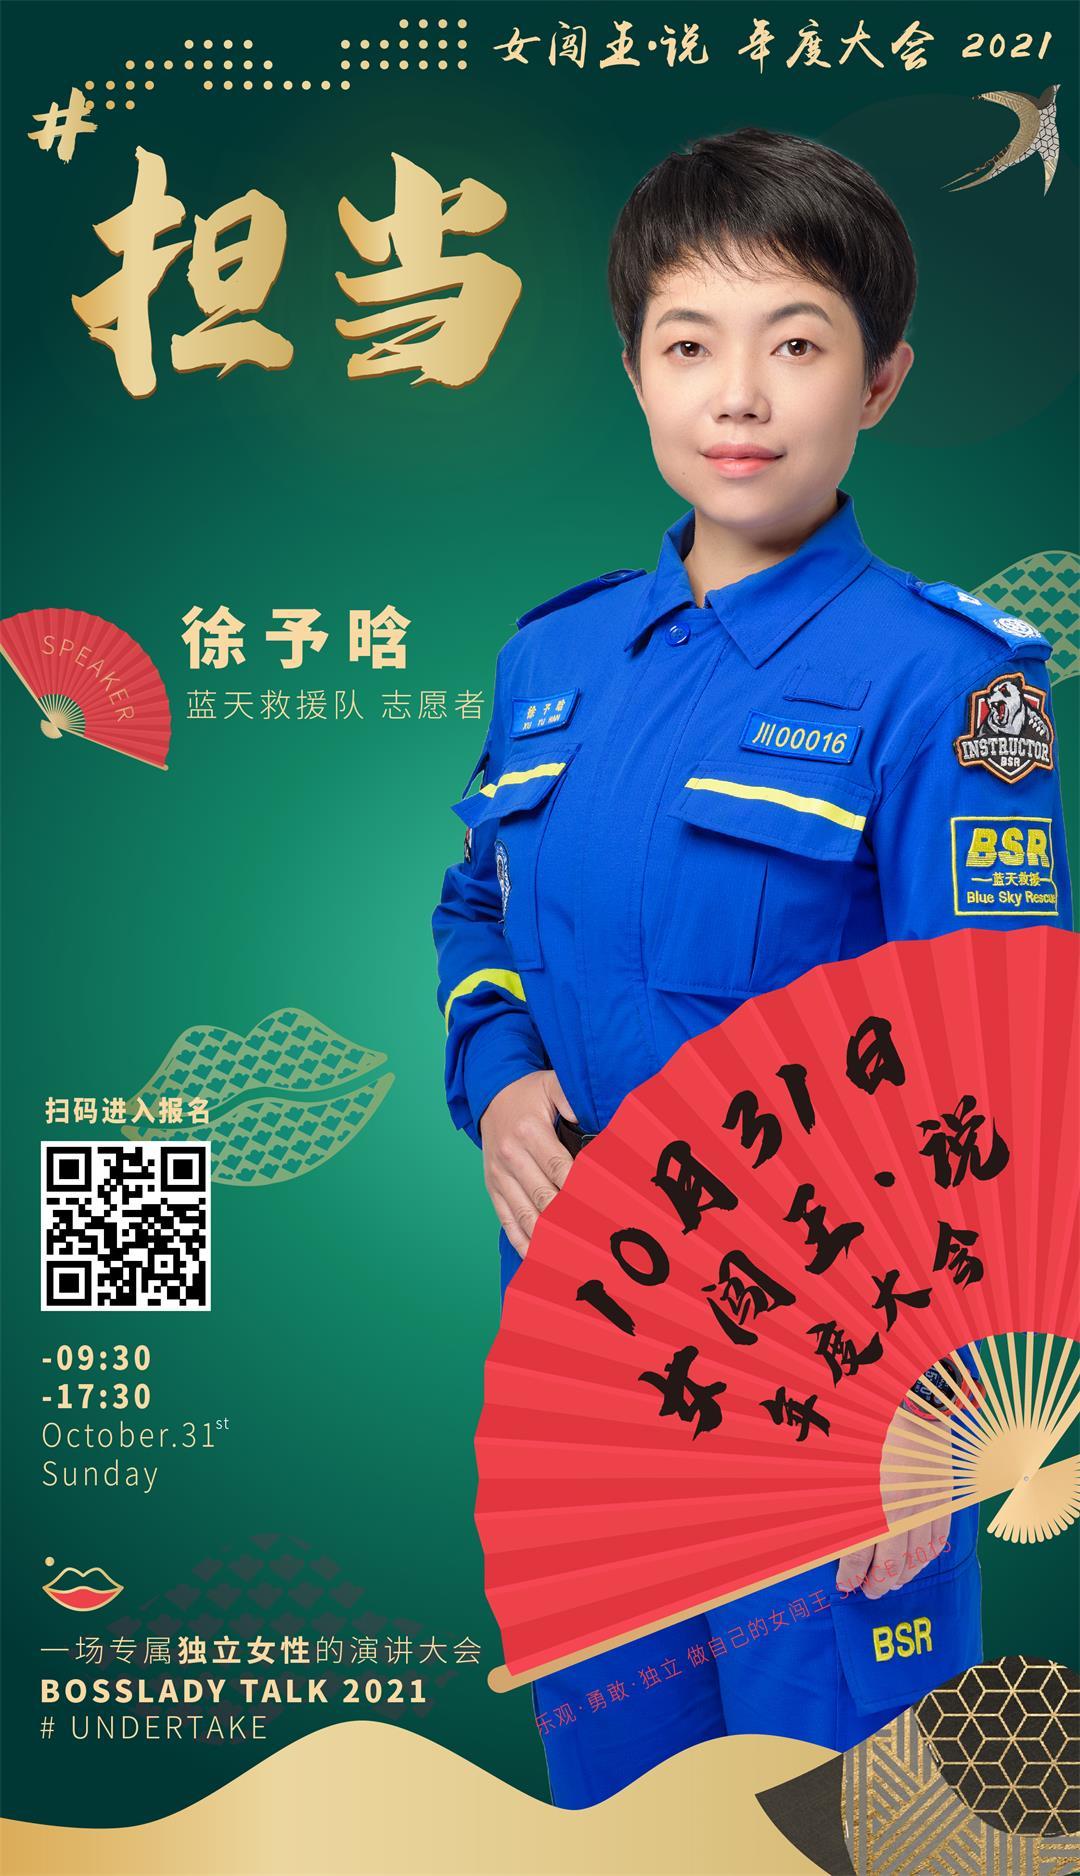 女闯王说2021海报模板-徐予晗-01.jpg